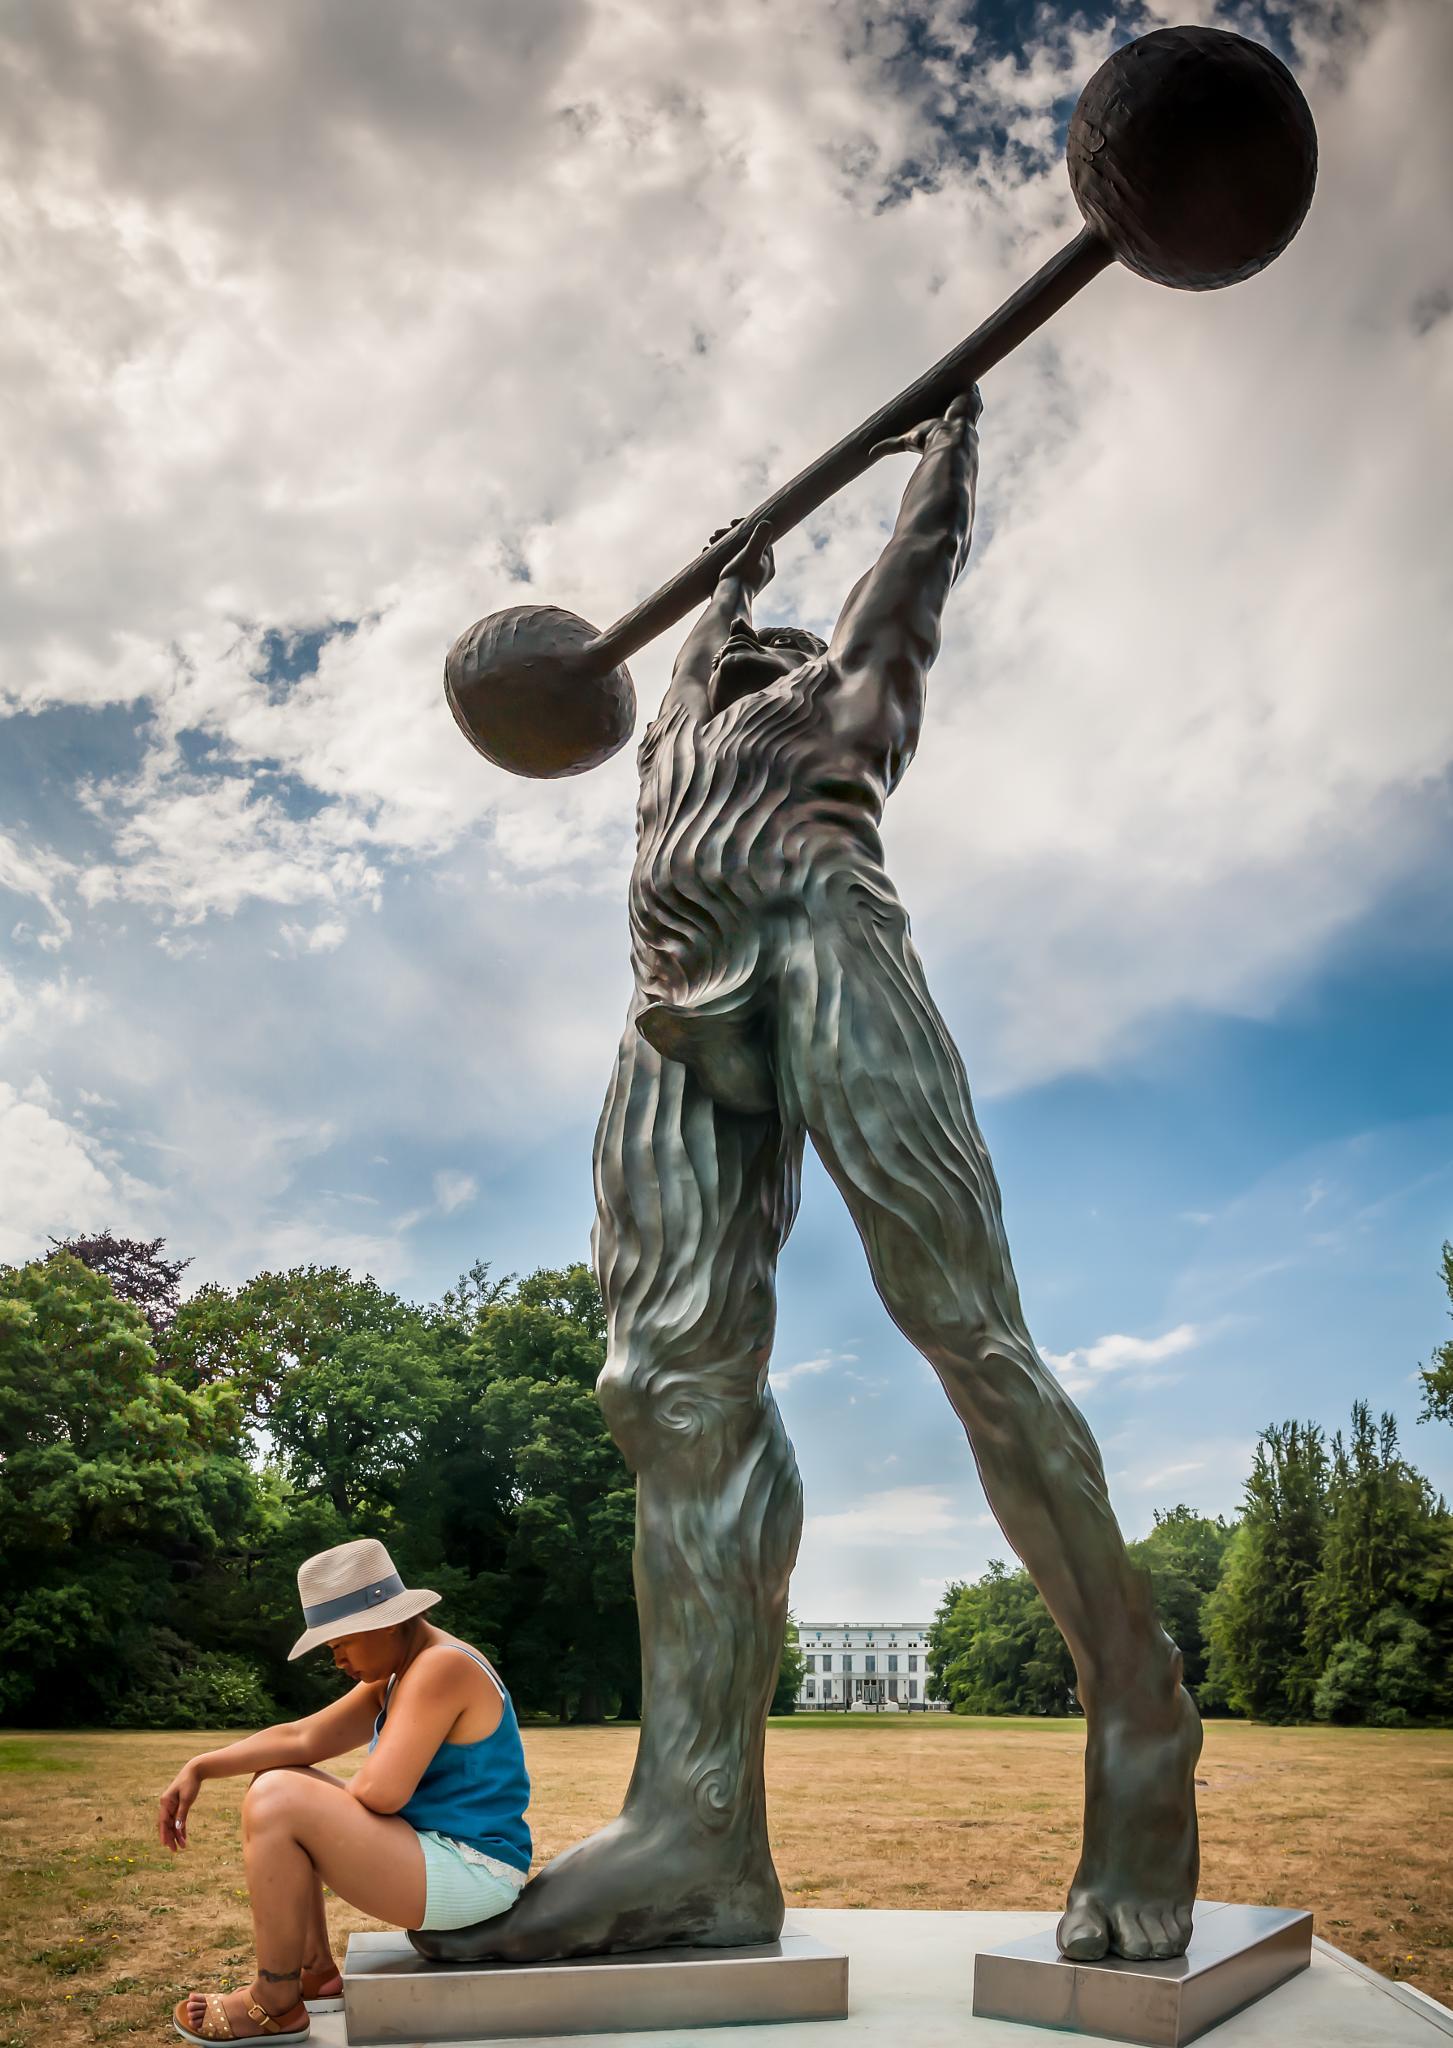 Chill @ statue @ Wassenaar by Walter Stoffers